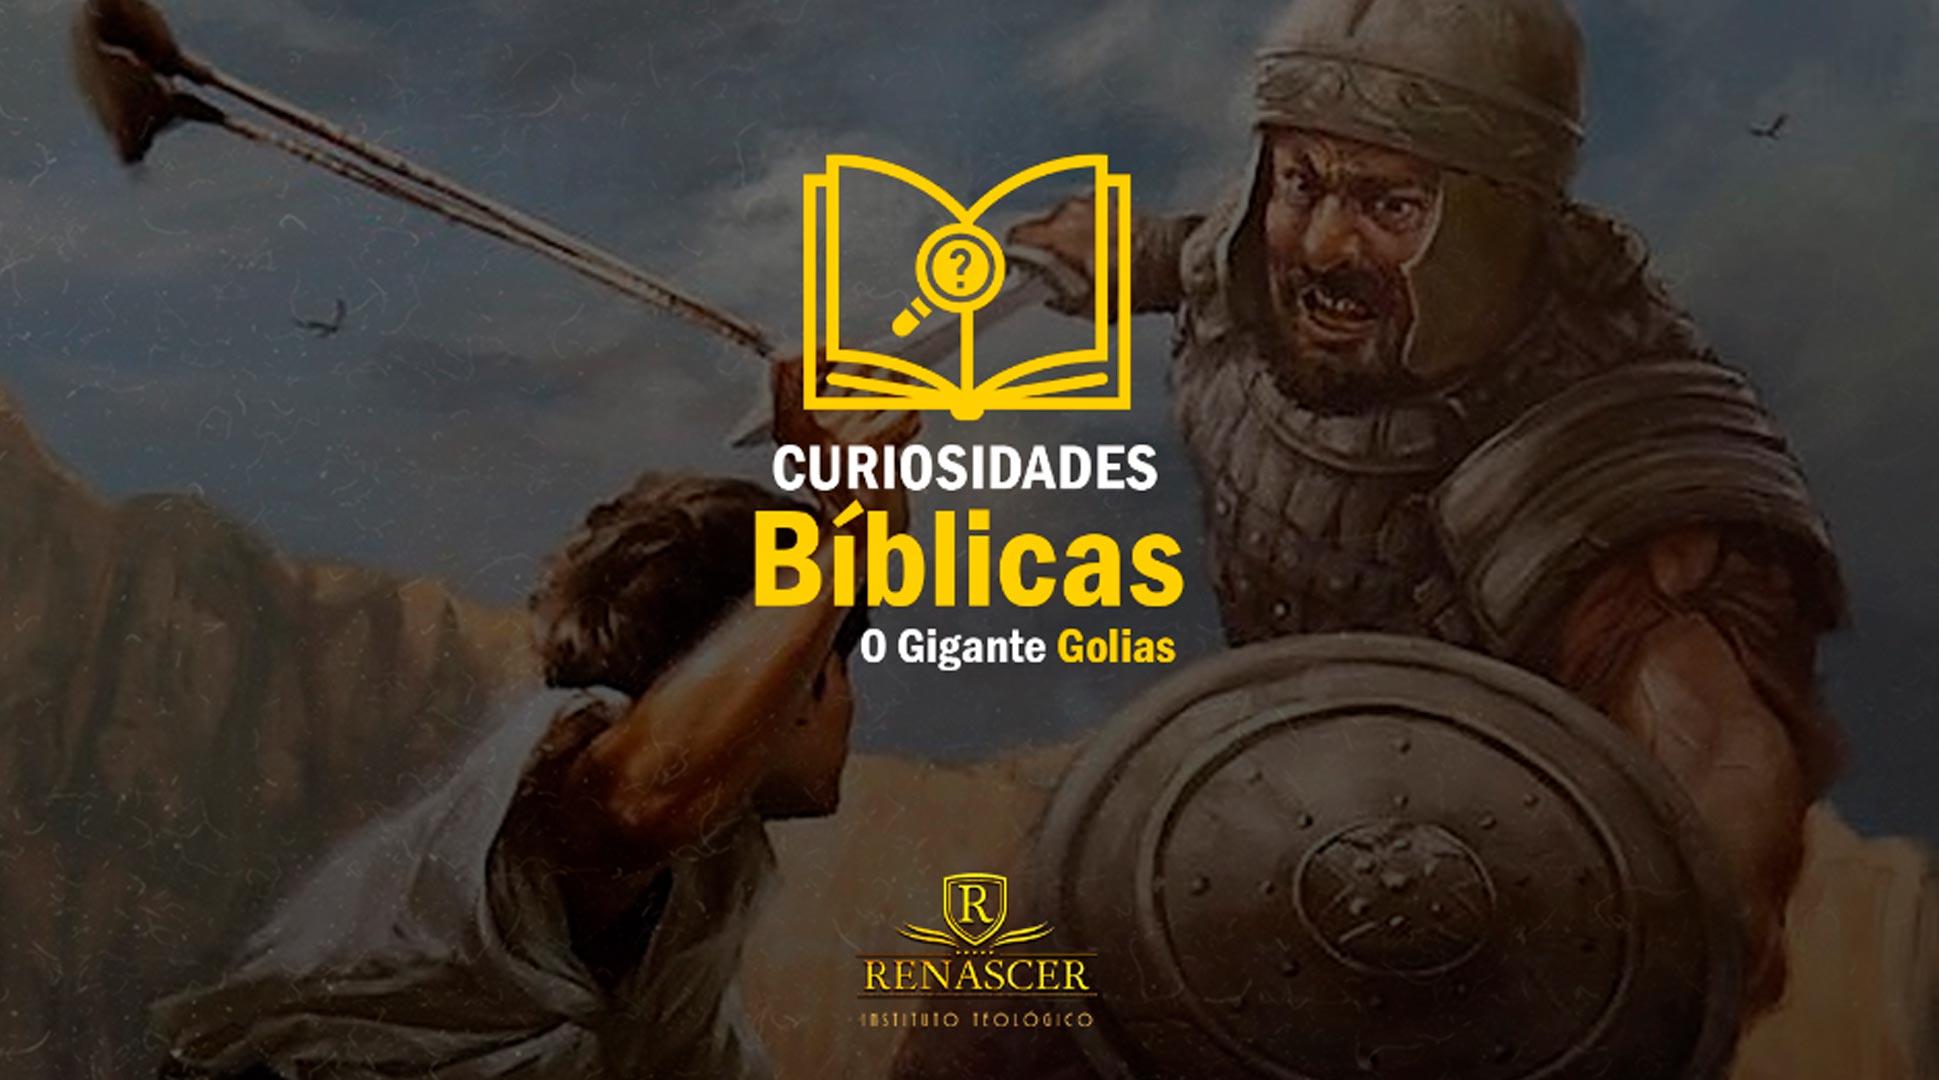 Curiosidades Bíblicas - O Gigante Golias